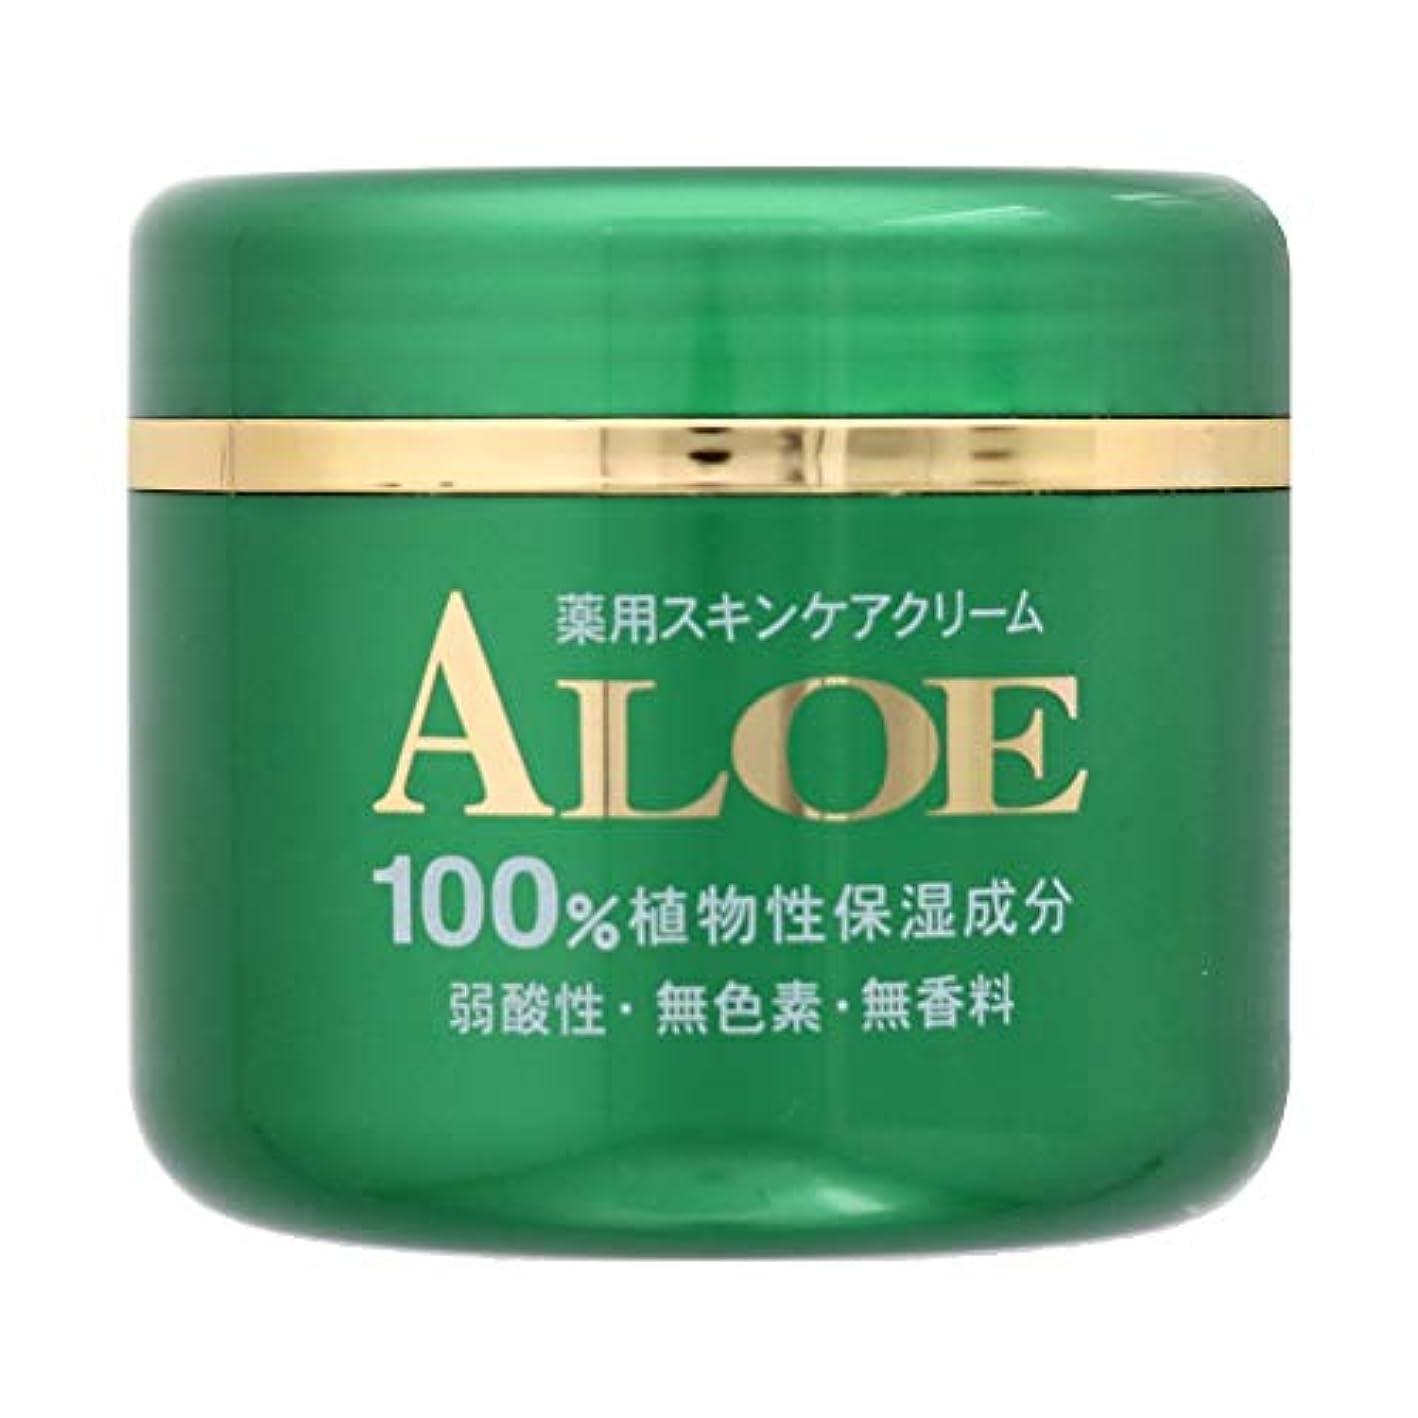 酸っぱいマスク実用的薬用アロテインクリーム CR-a 200g